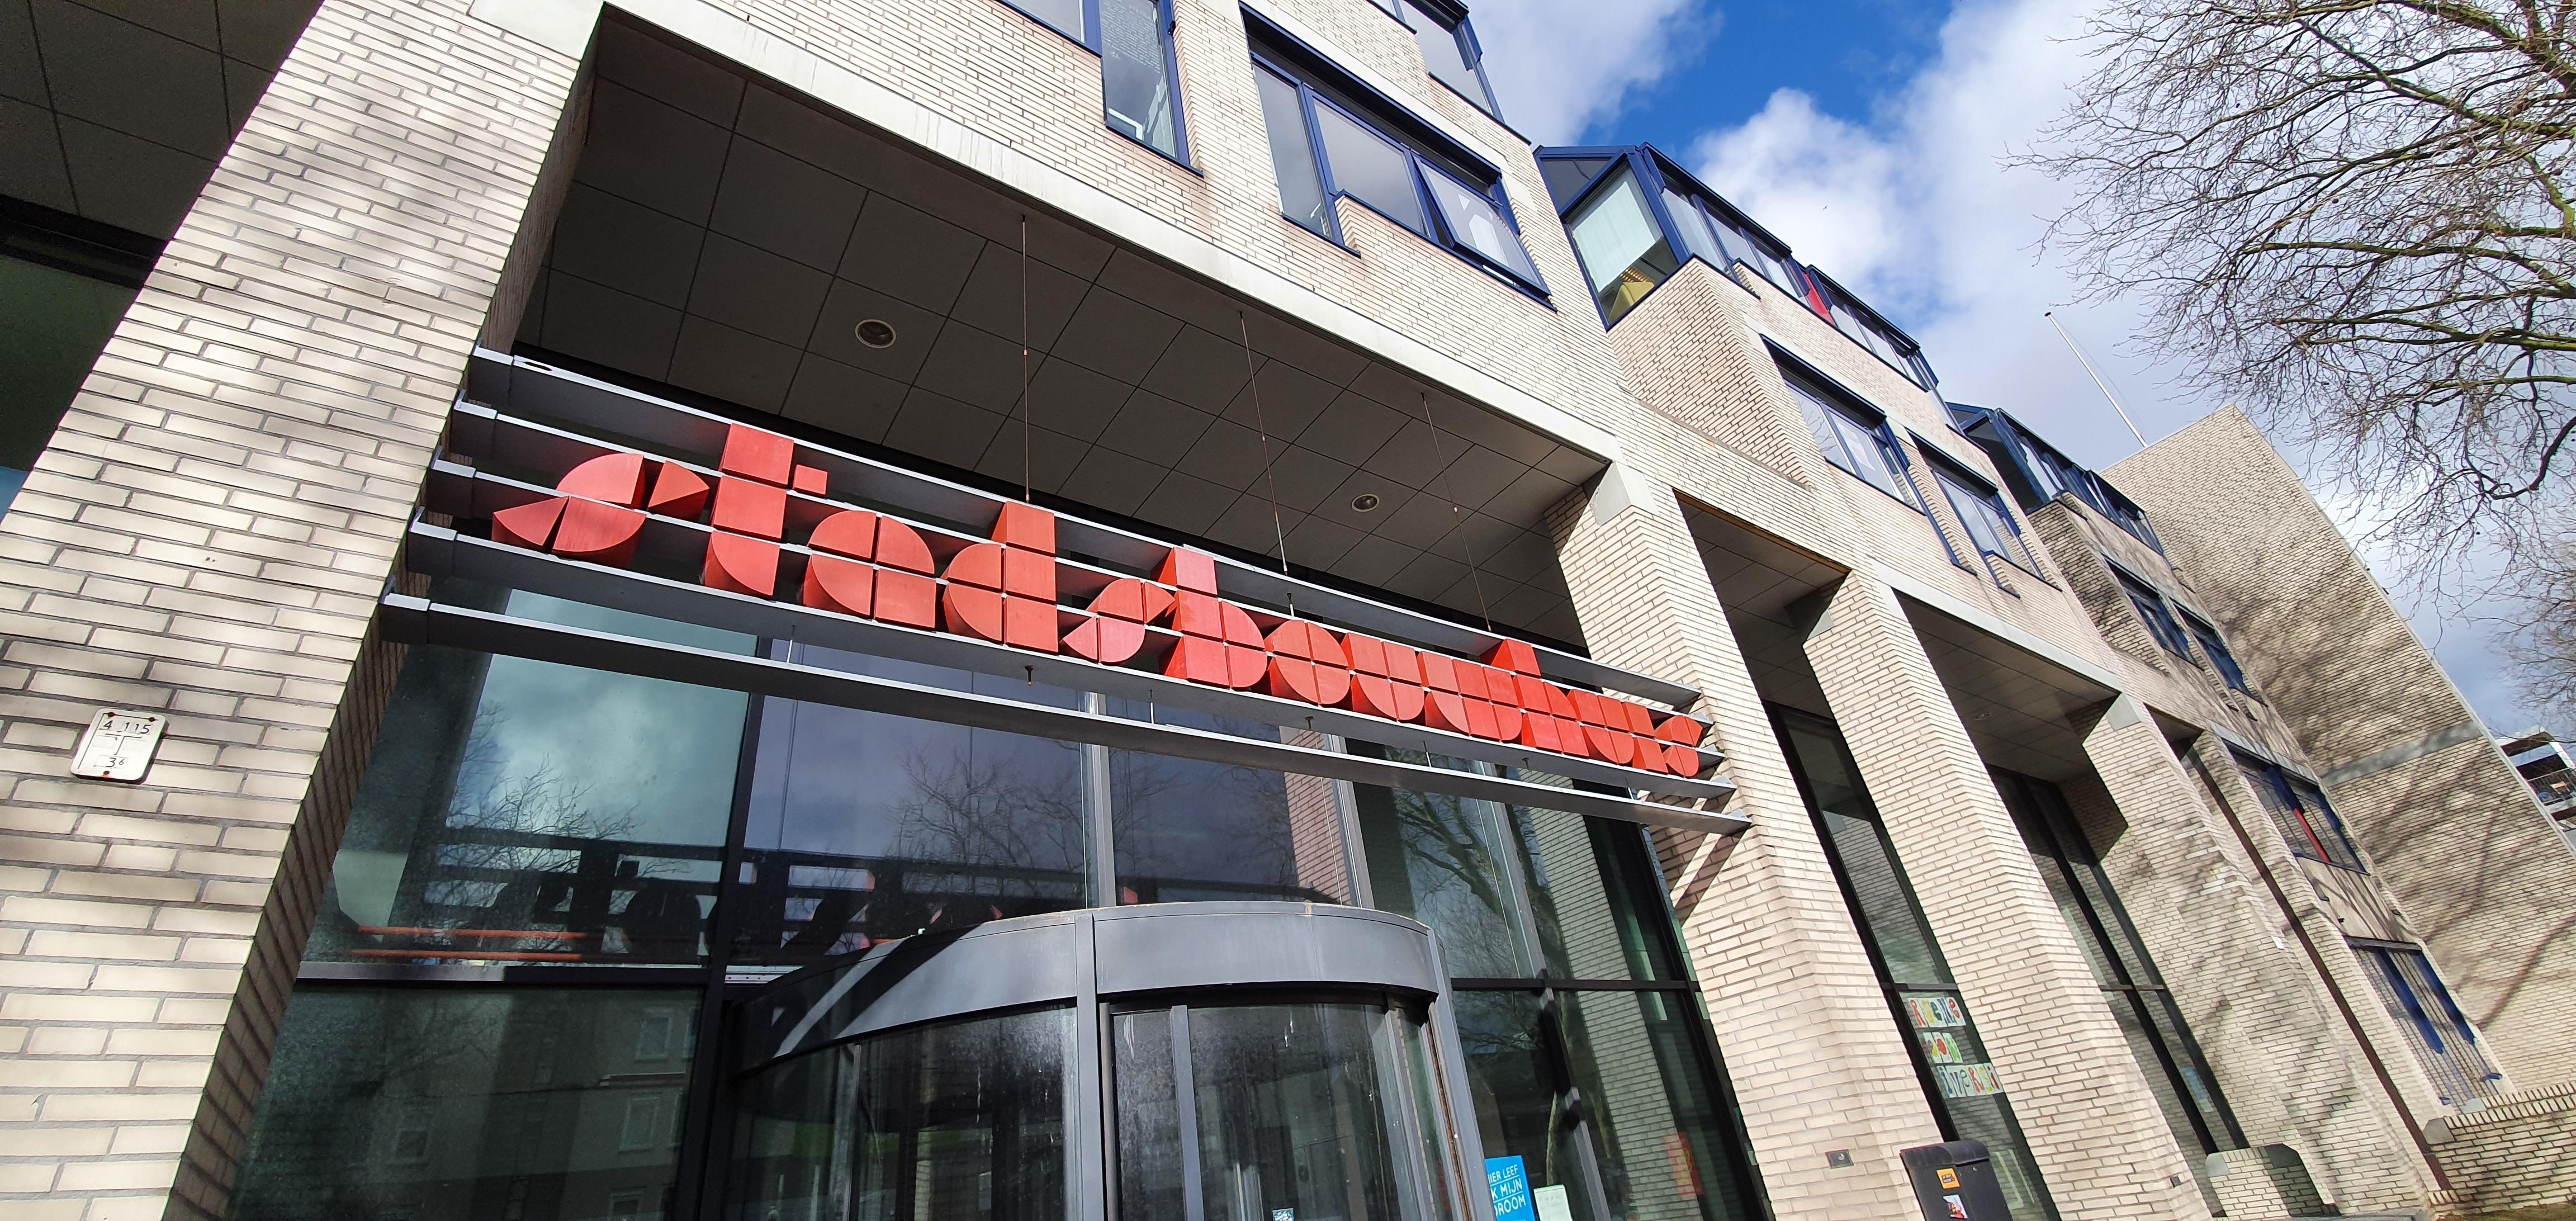 iCircl maakt circulair centrum van Stadsbouwhuis